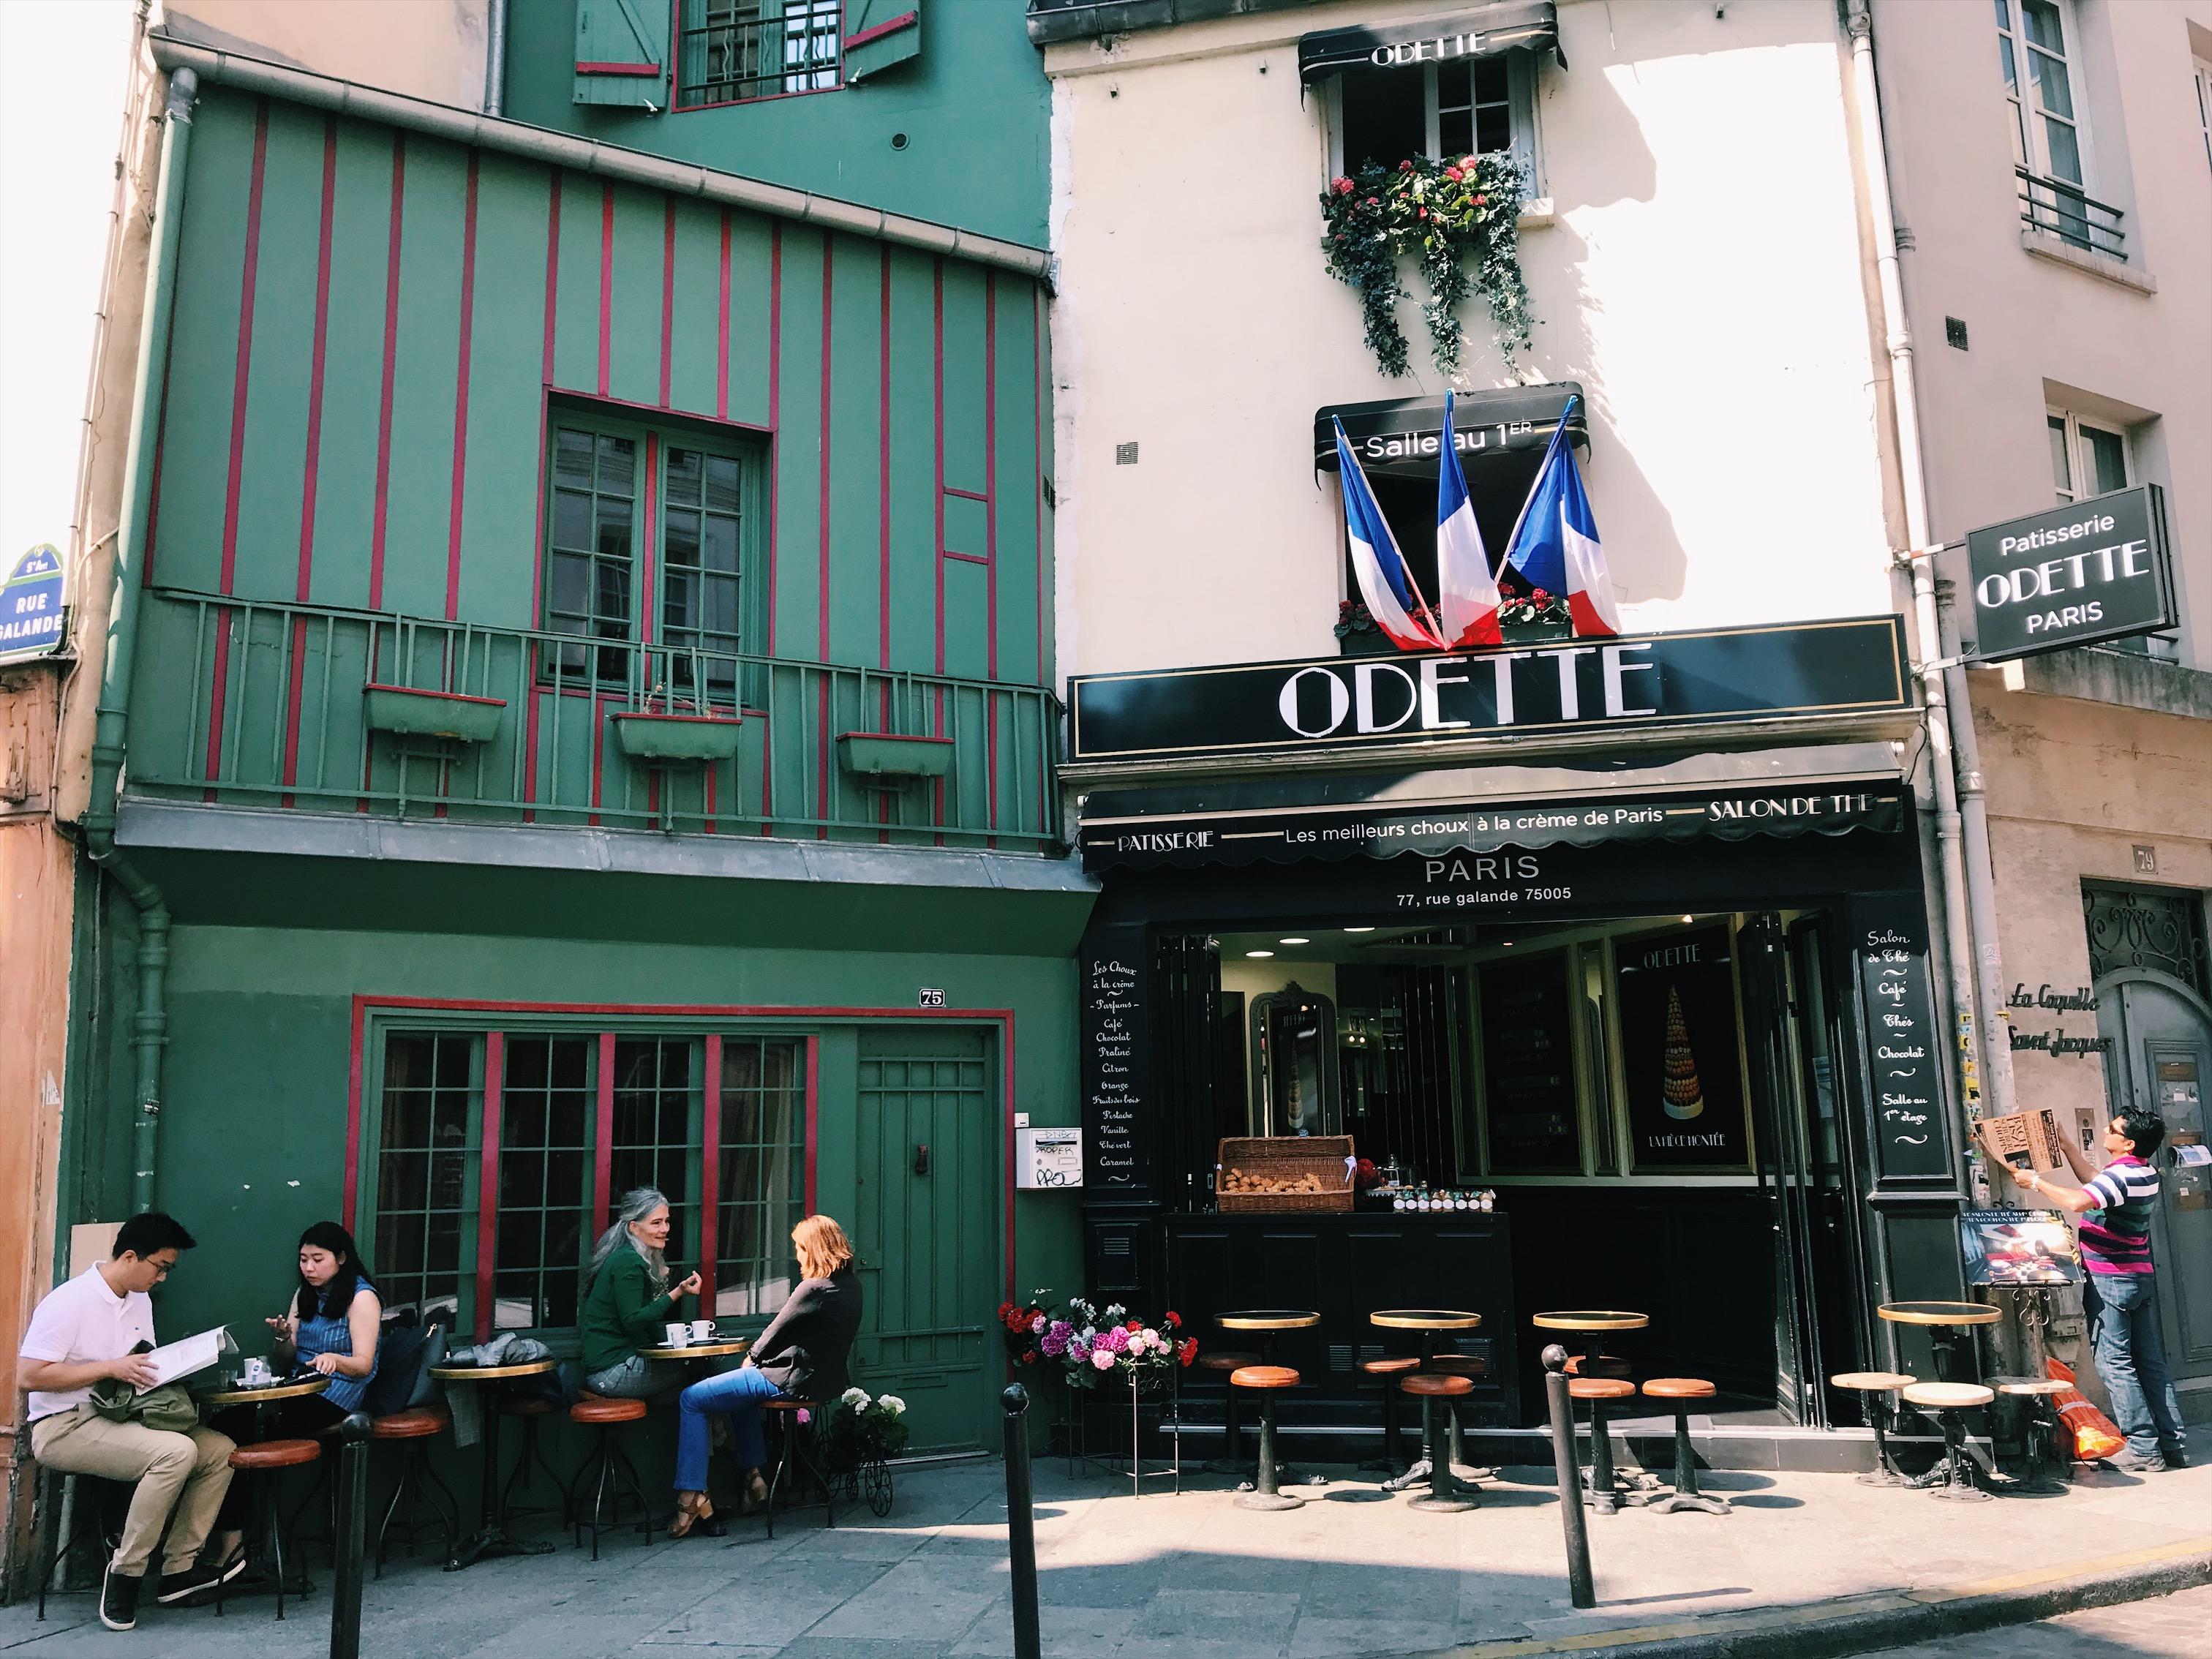 bond-das-kleine-caf-in-frankreich-kueken